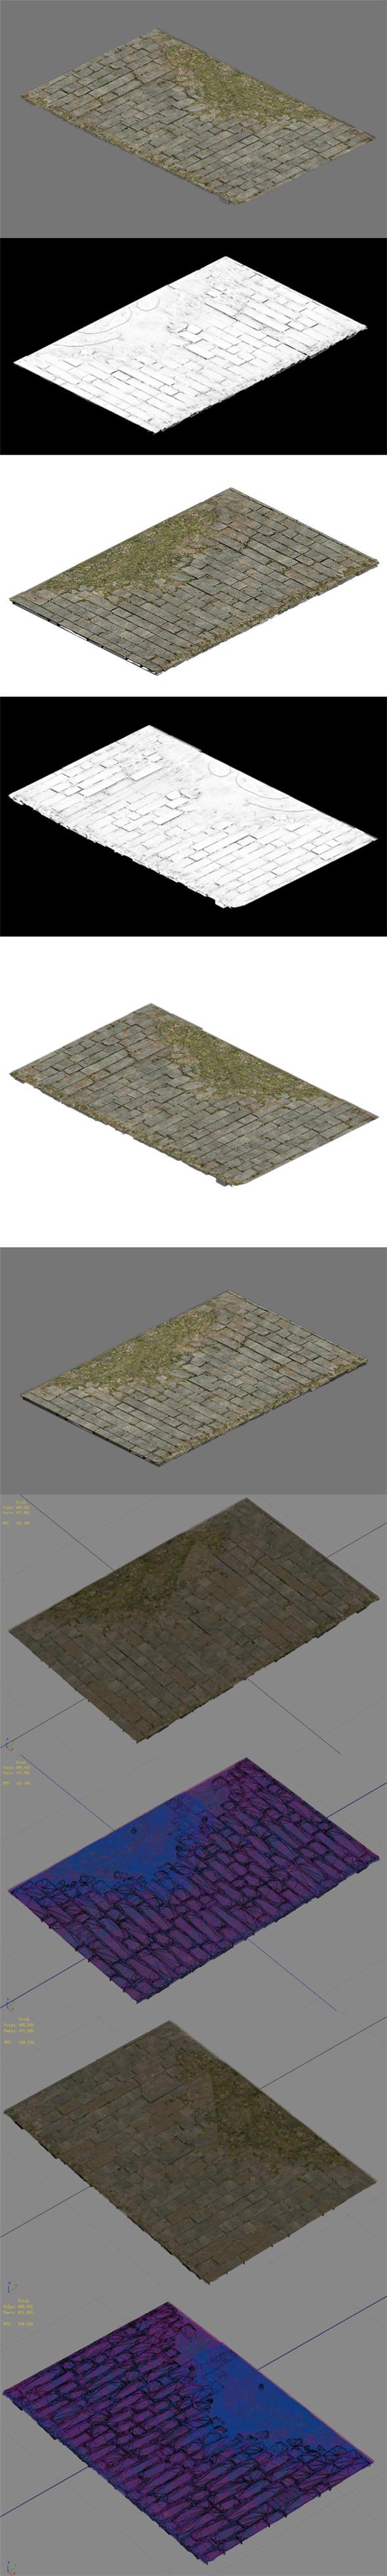 Broken - ordinary tiles - 3DOcean Item for Sale